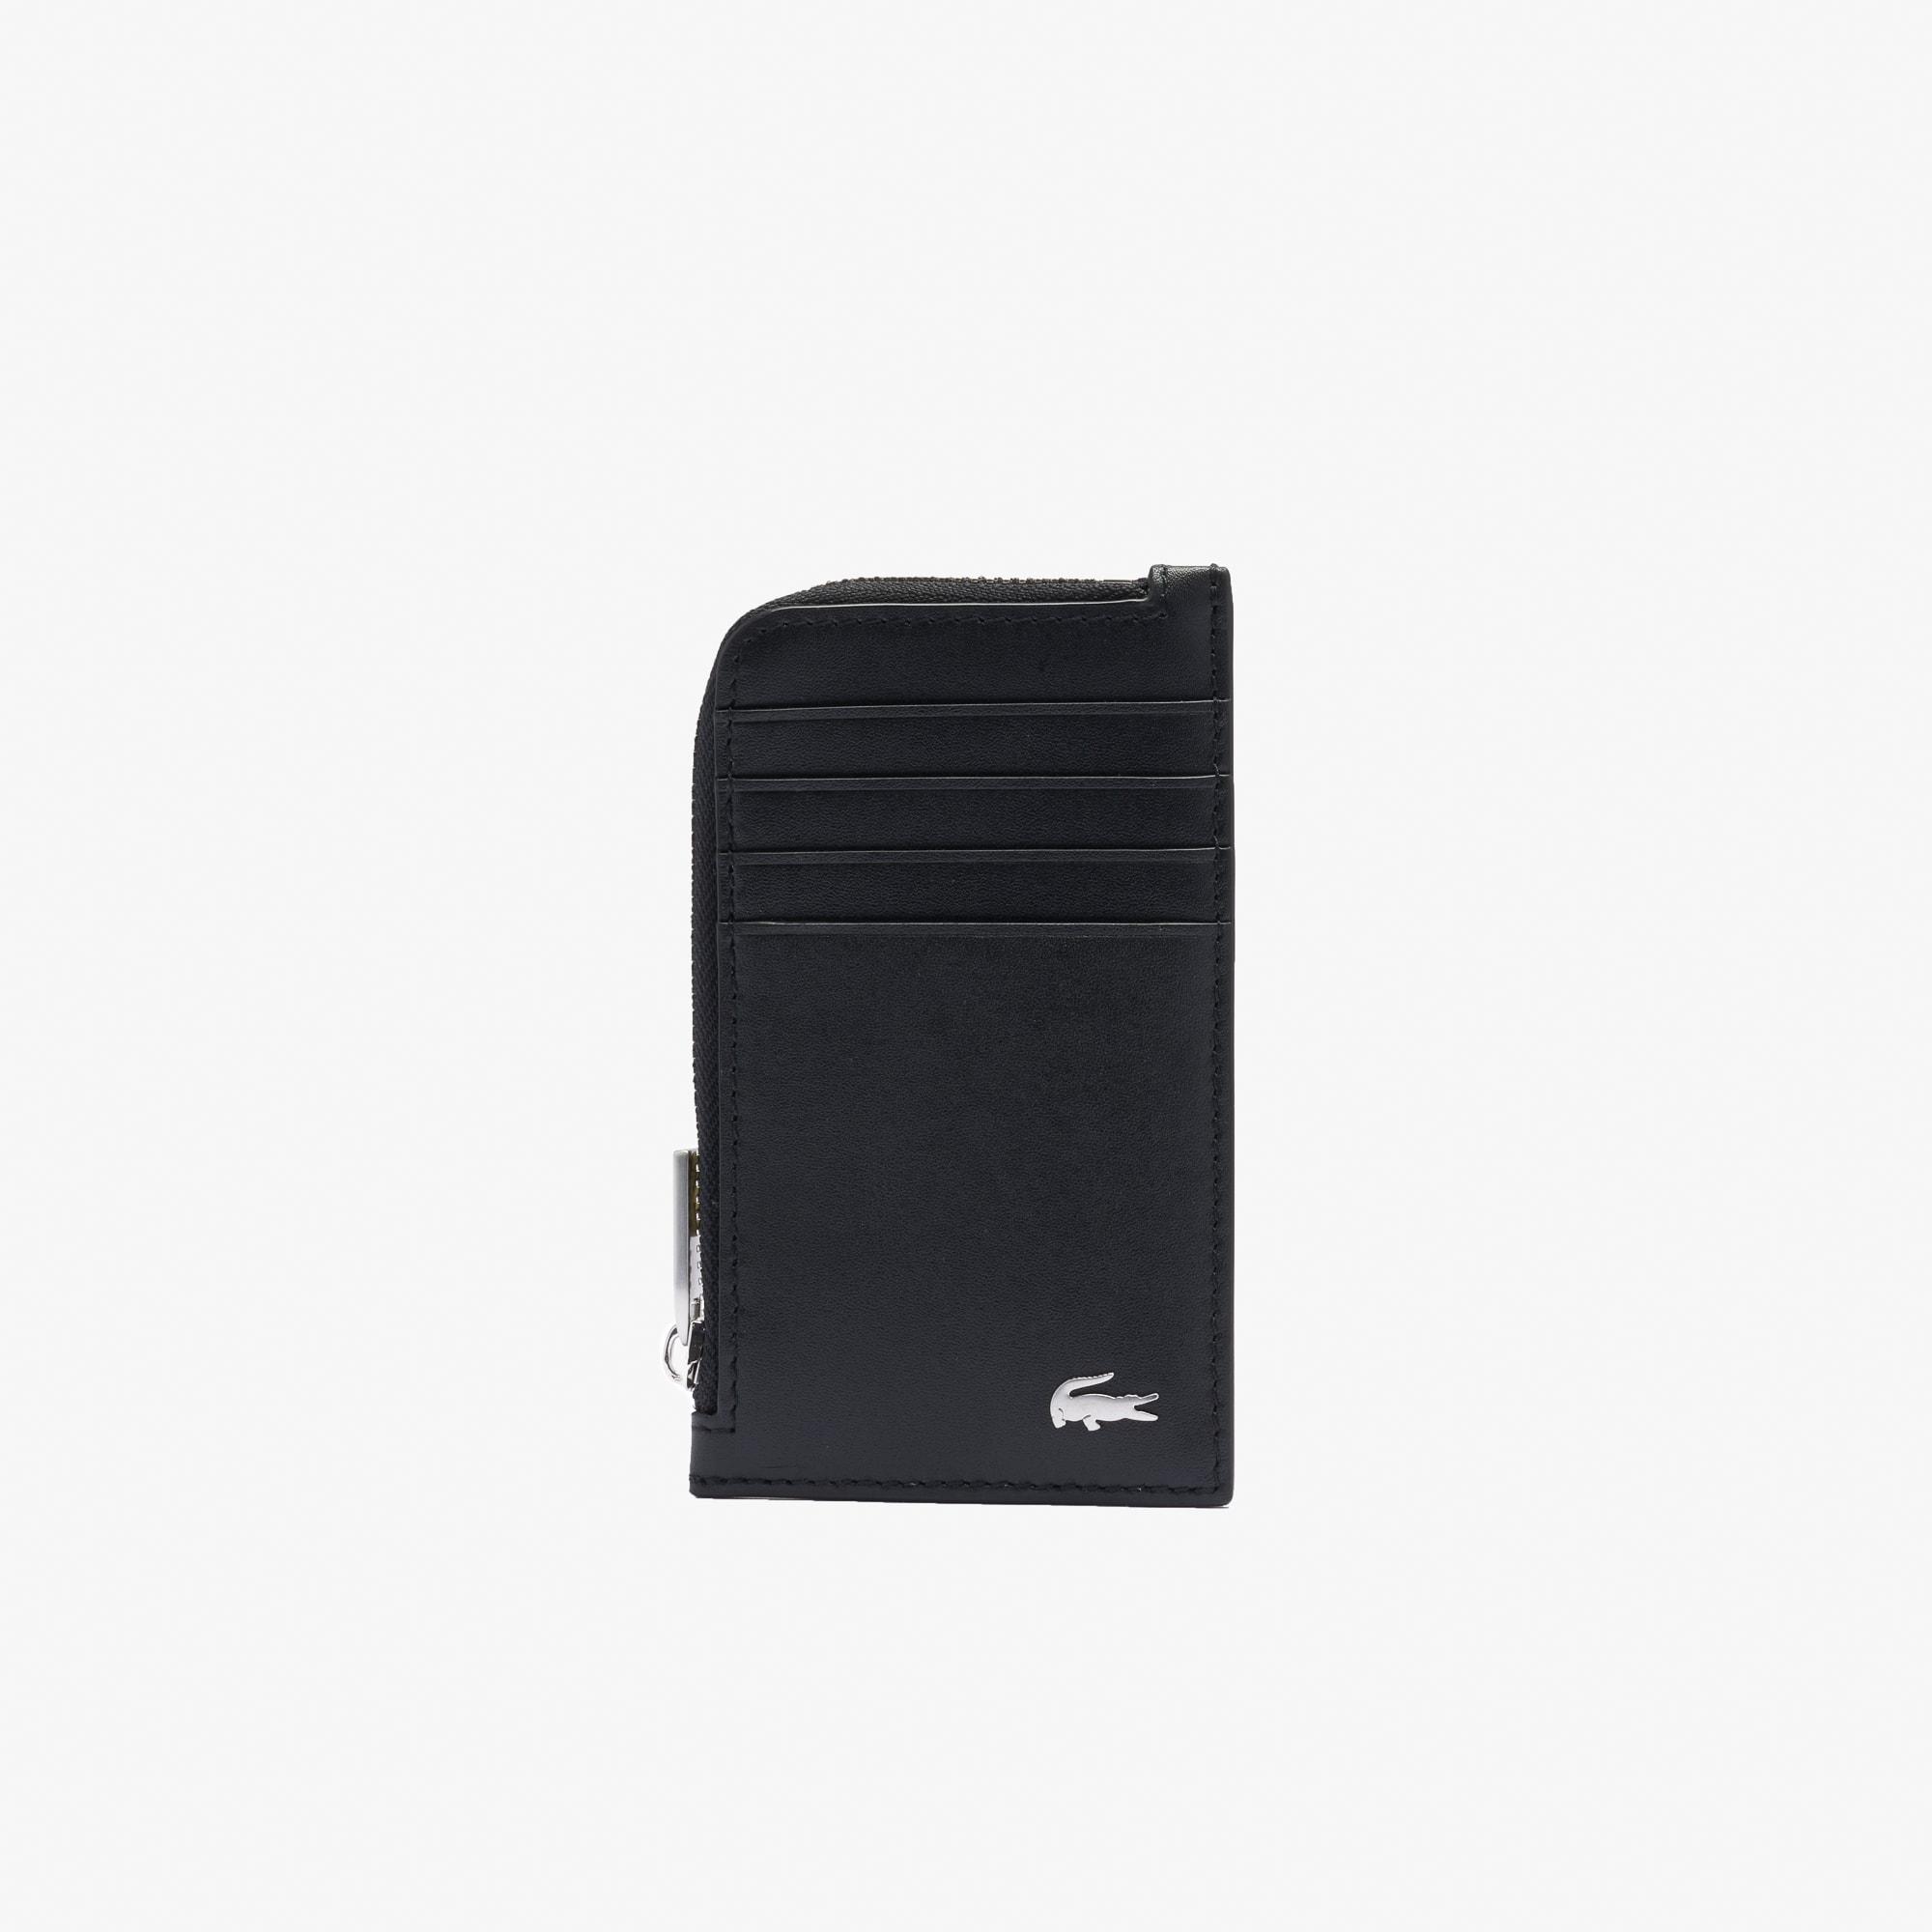 color black - Zip Card Holder